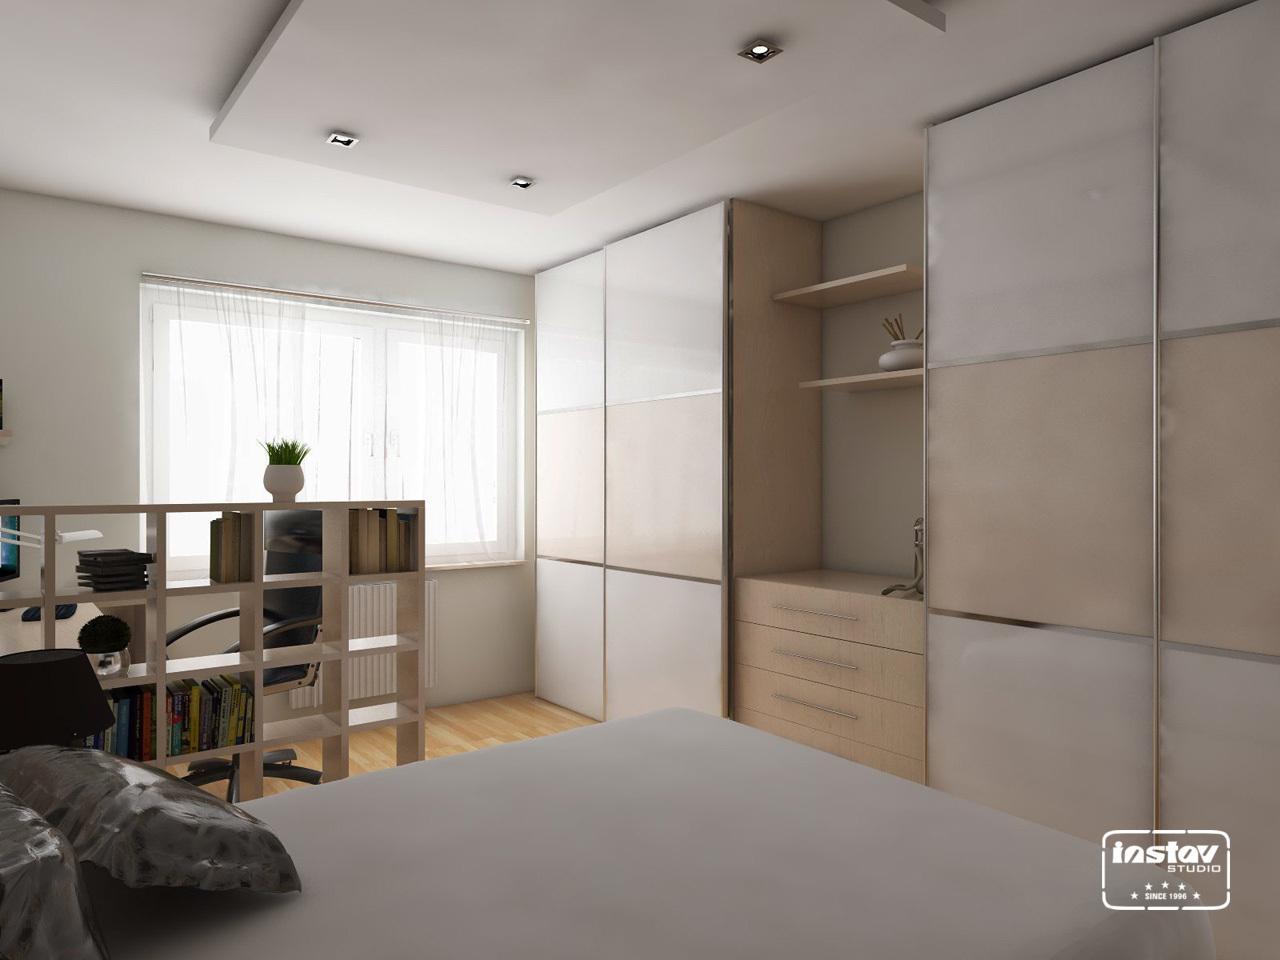 Vizualizácie interiérov - Vizualizácia spálne s pracovňou